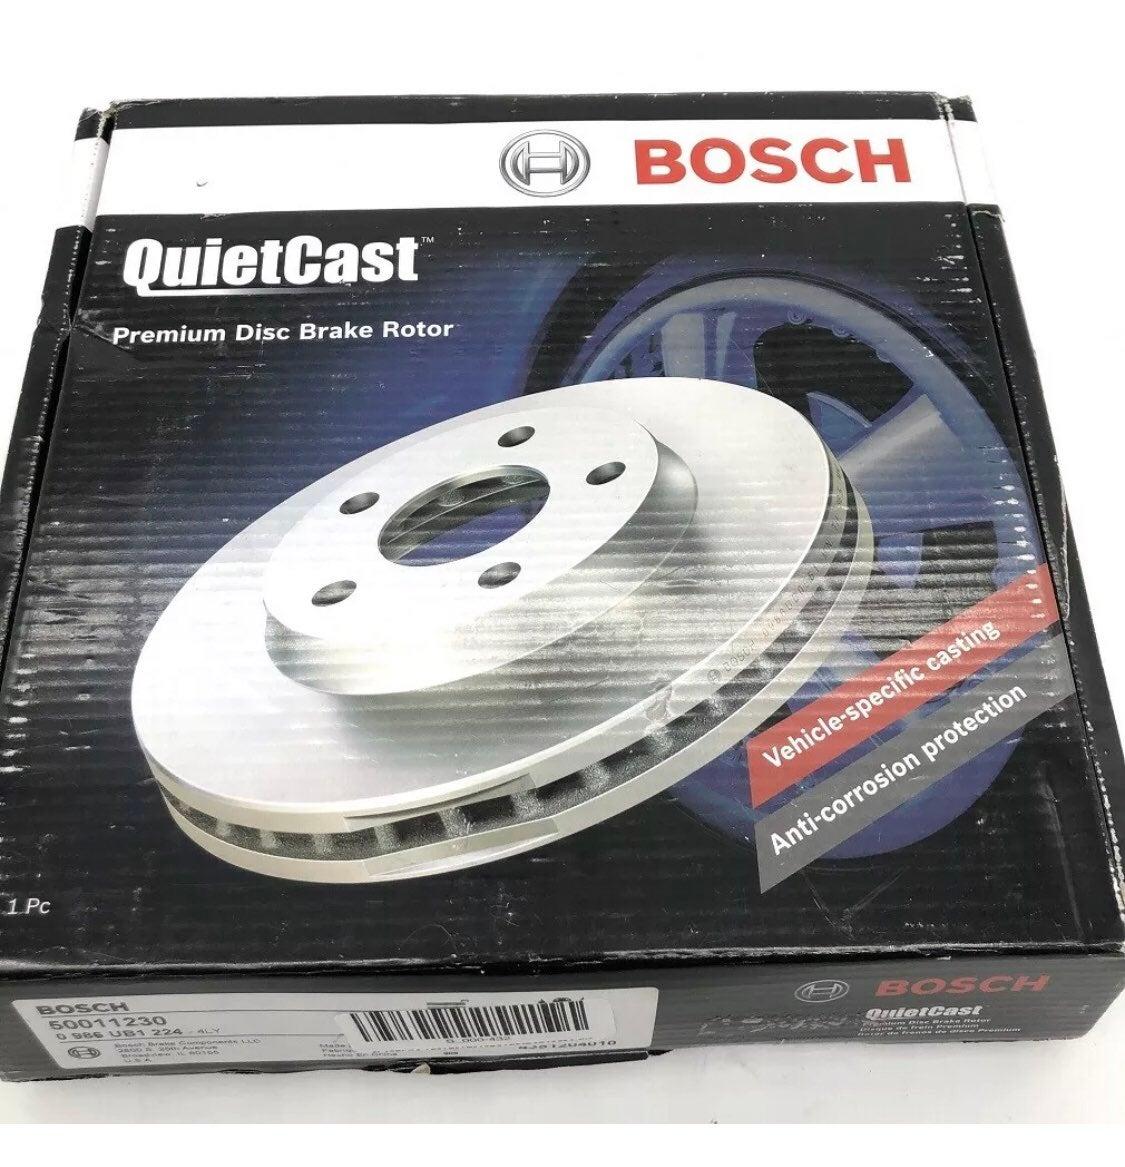 Bosch QuietCast Premium Disc Brake Rotor